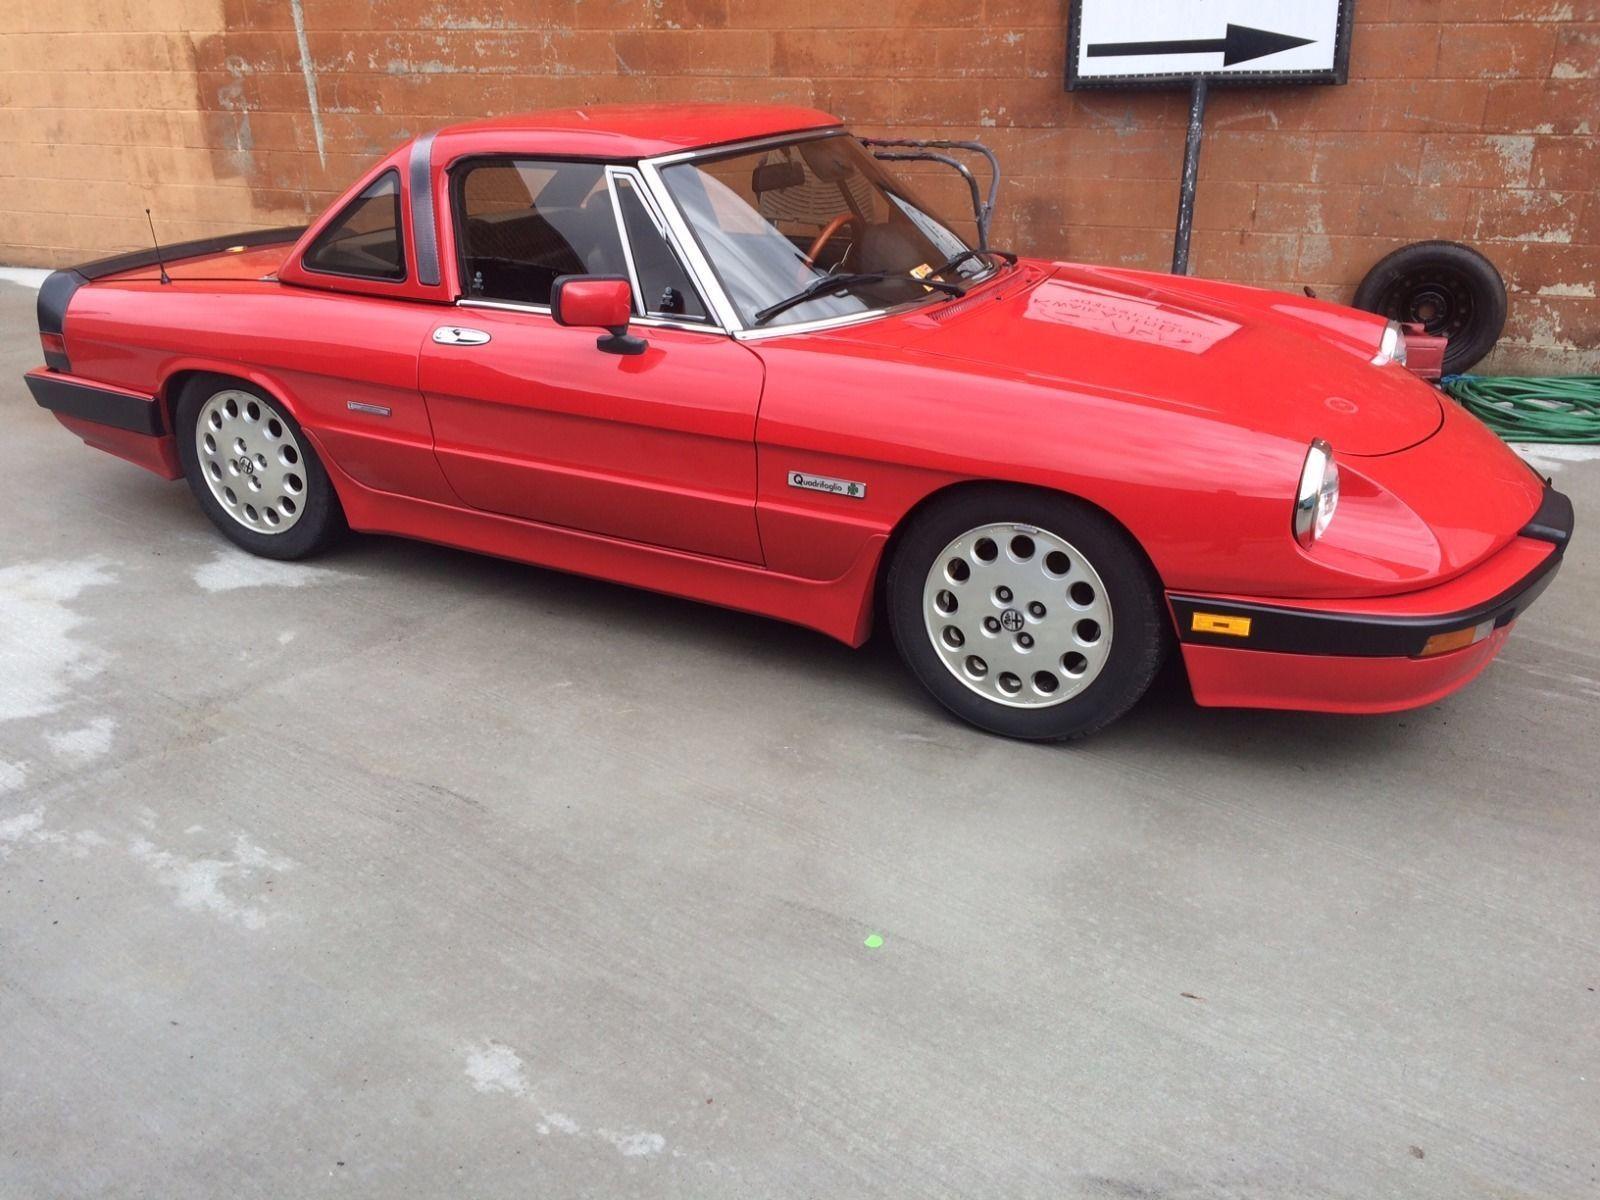 Car Brand Auctionedalfa Romeo Spider Veloce 1989 Model Alfa Quadrifoglio Convertible